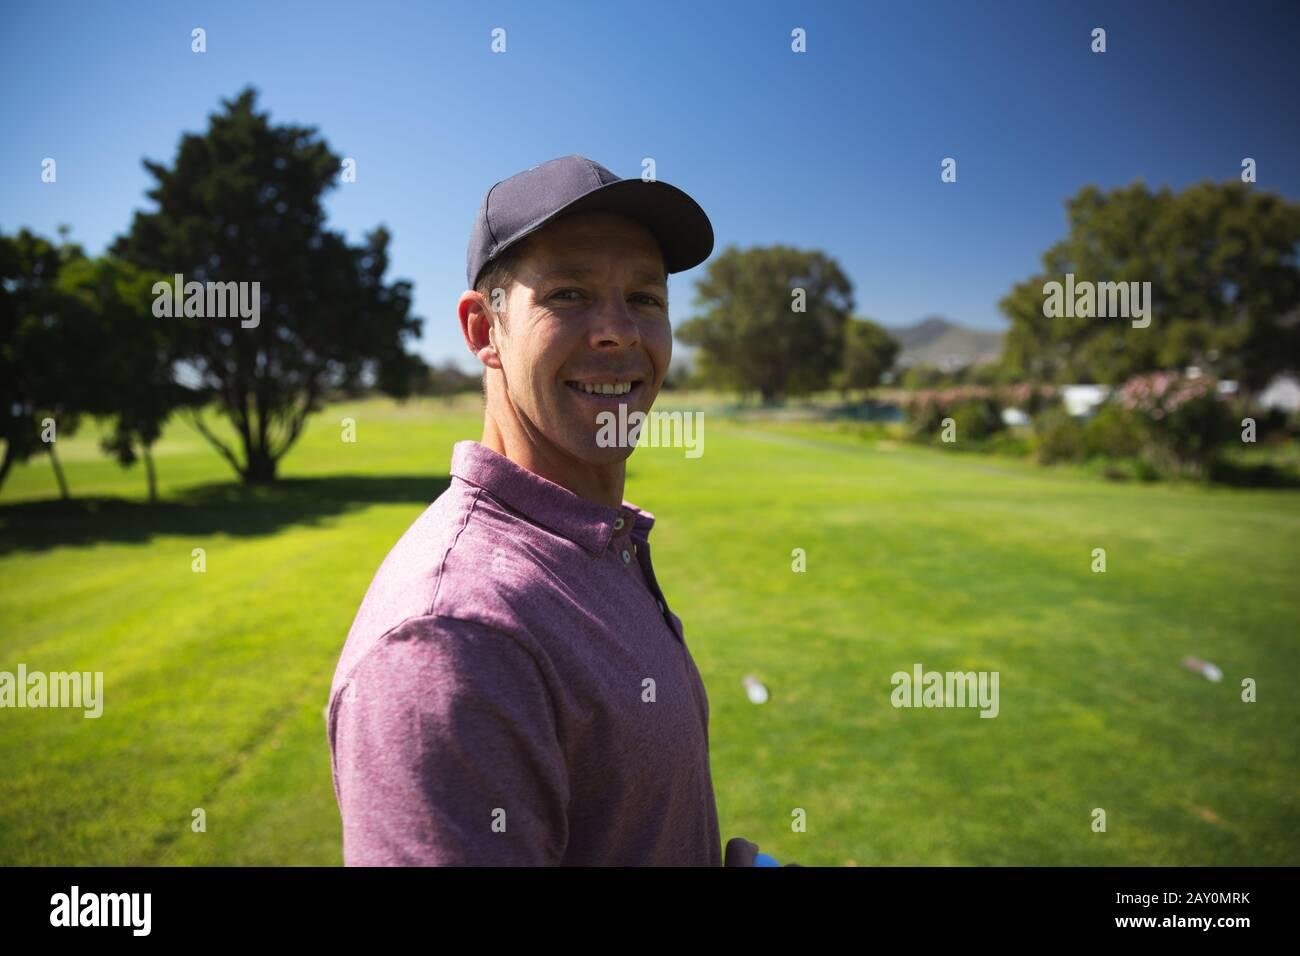 Golfer lächelnd und mit Blick auf die Kamera Stockfoto